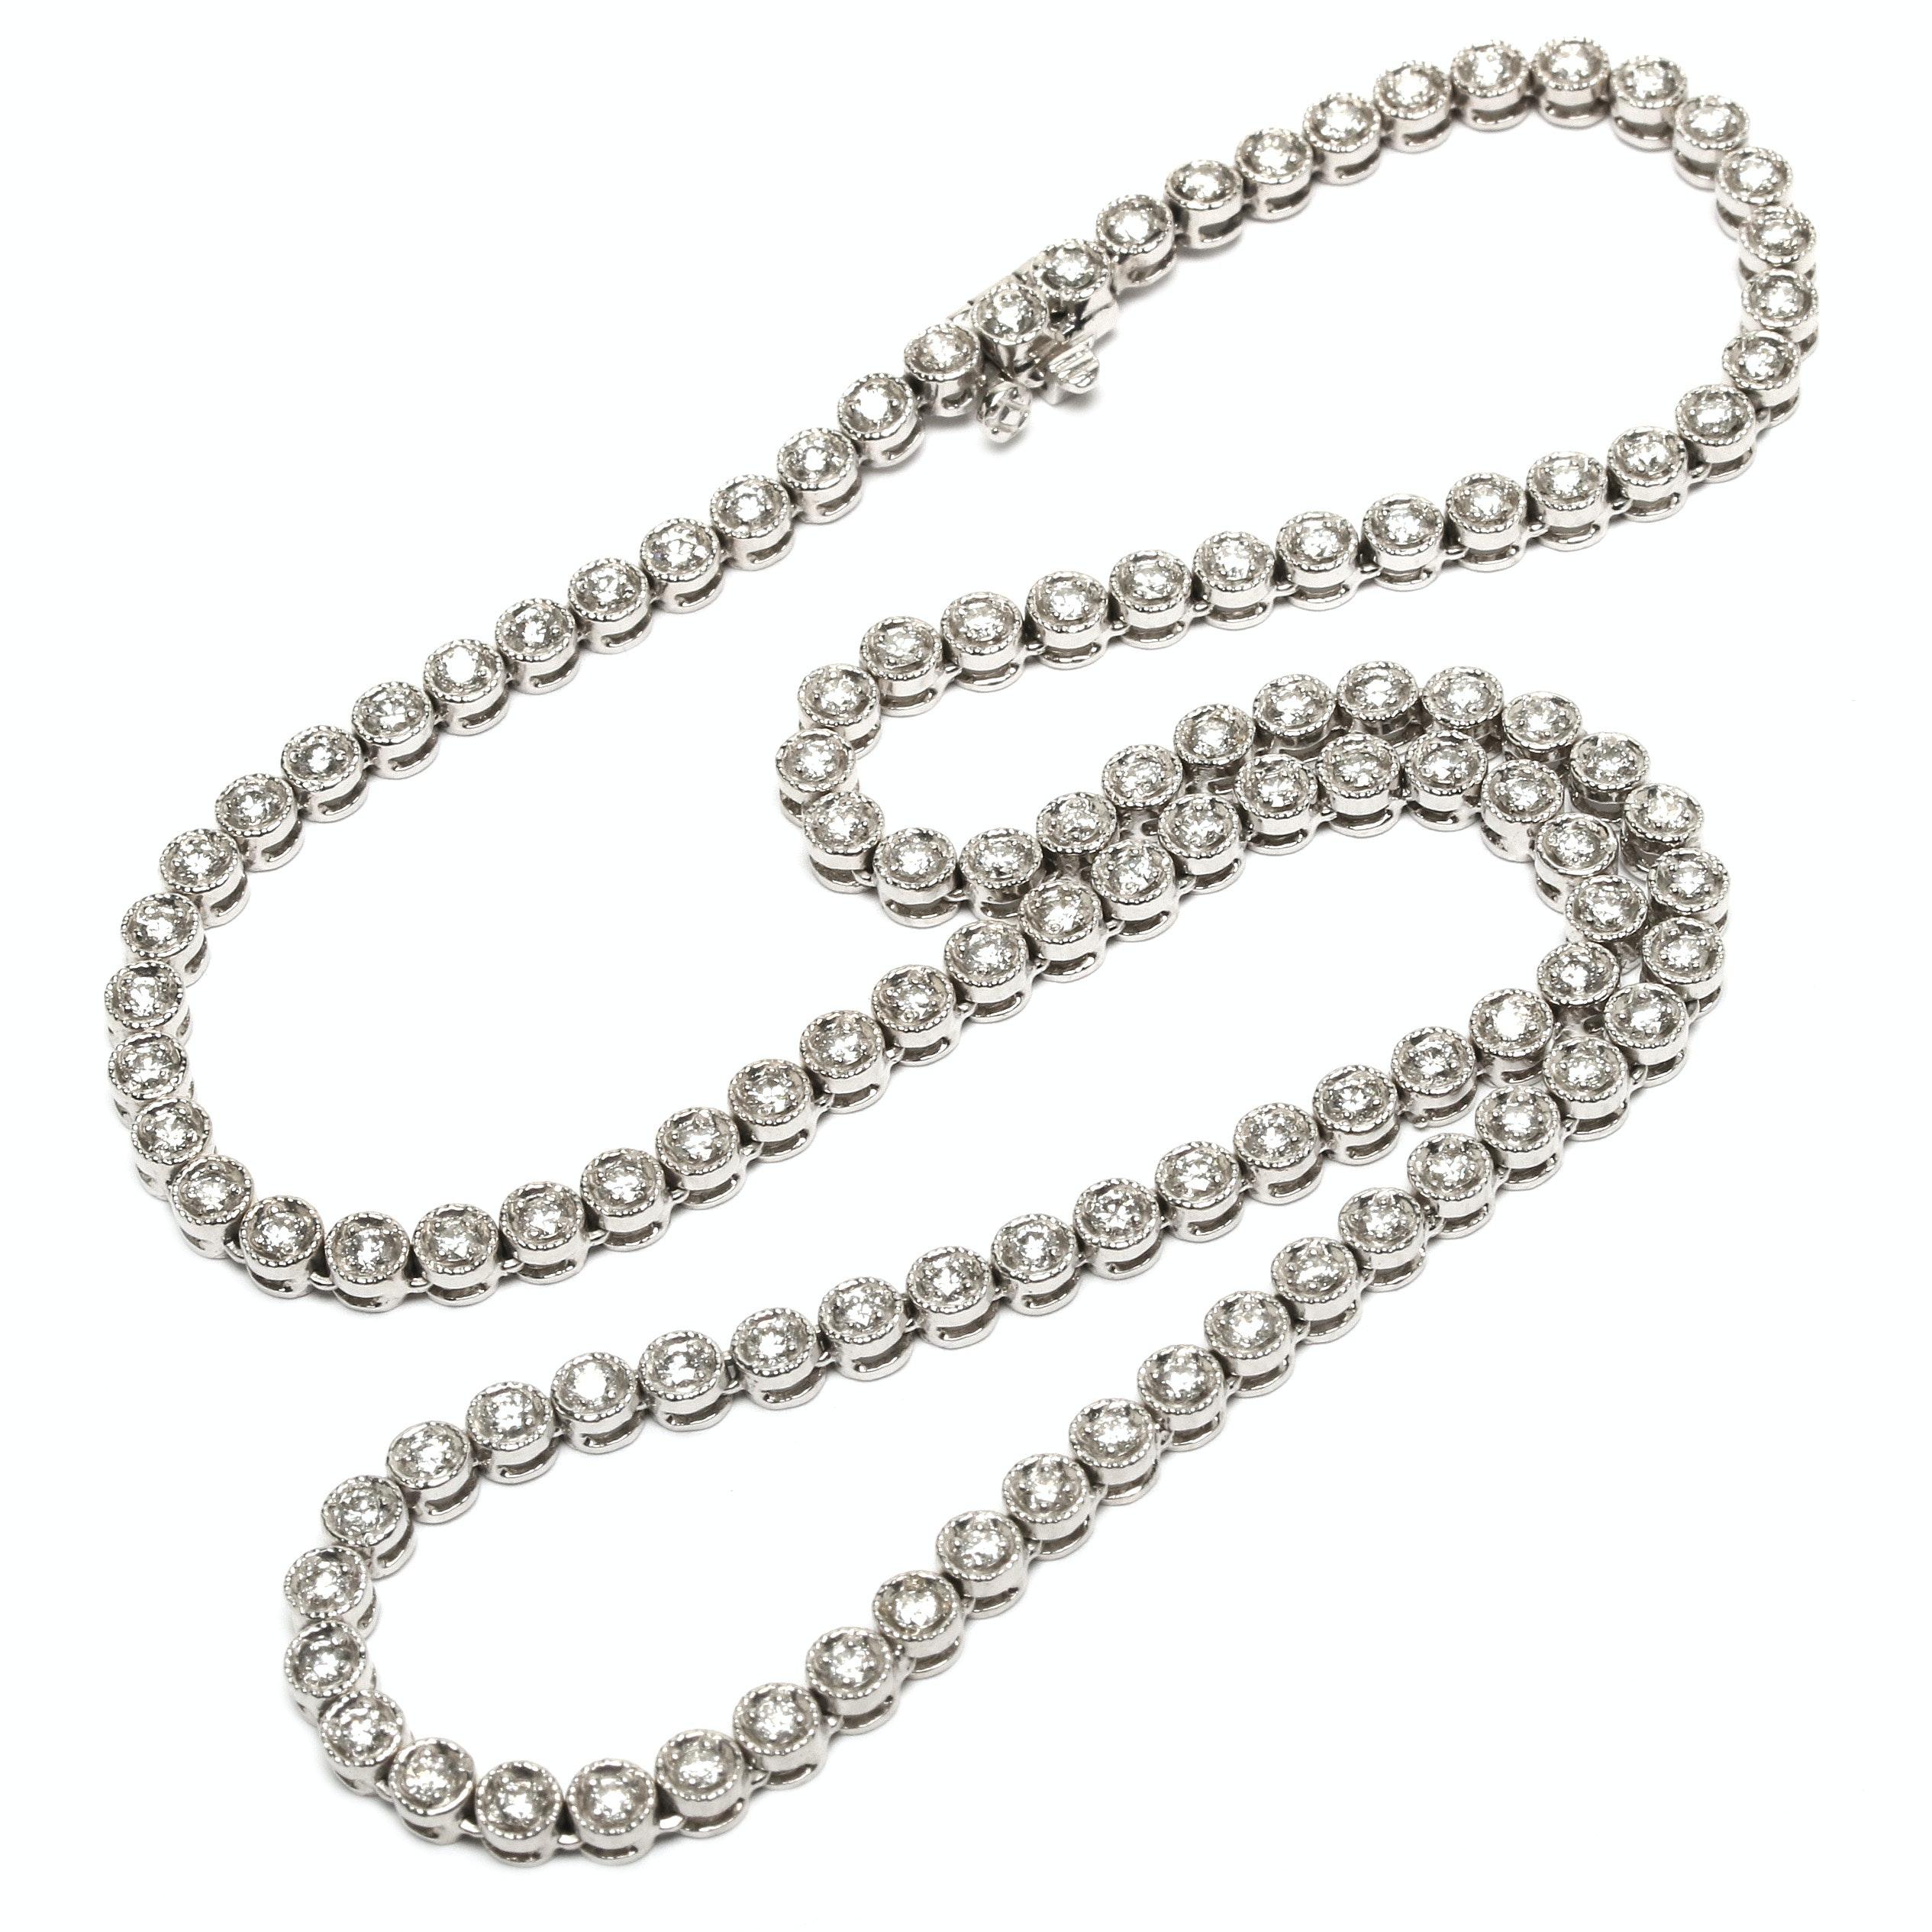 14K White Gold 3.73 CTW Diamond Rivière Necklace